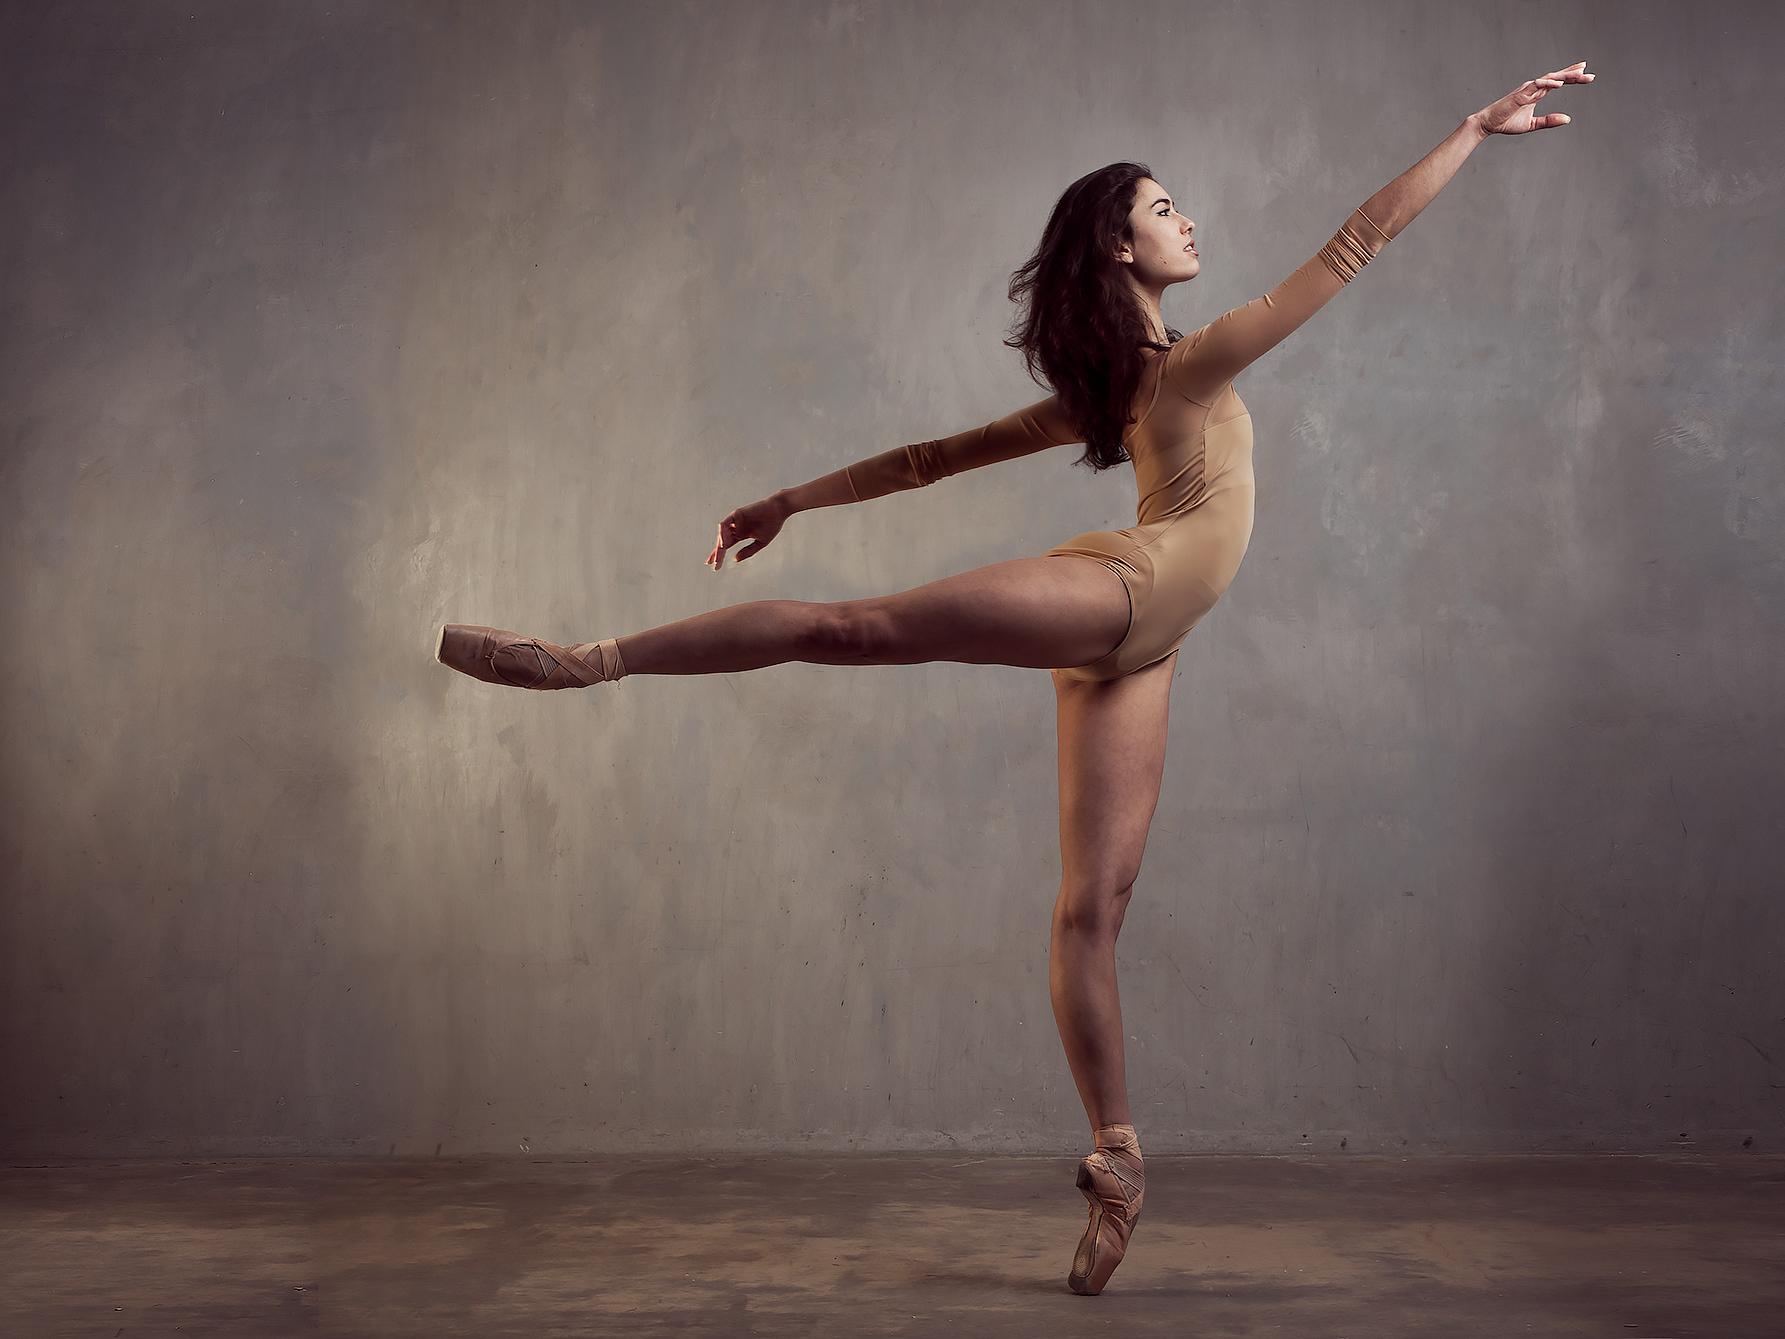 все это откровенные фото балет позвала мужа кухню